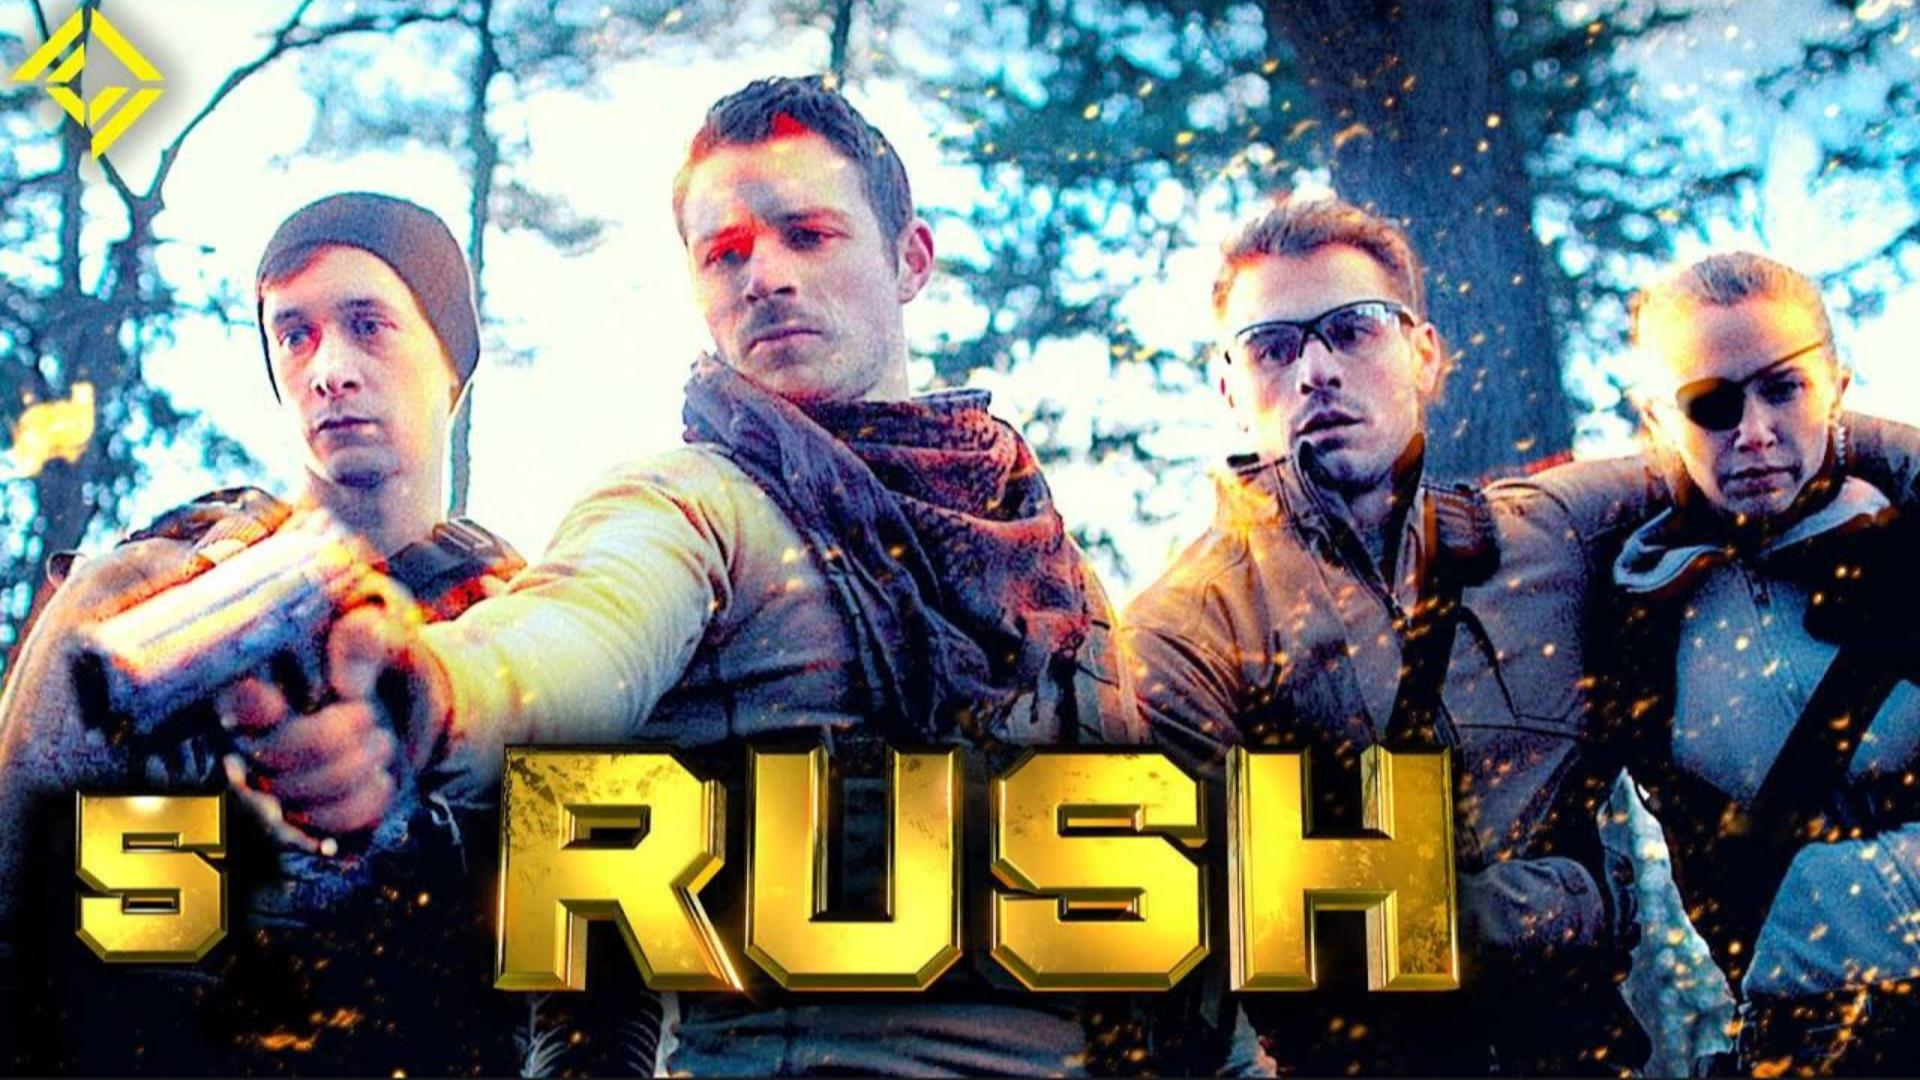 【战地】系列改编真人短剧《RUSH》第五集(GTA5老崔主演,Corridor Digital呈现)